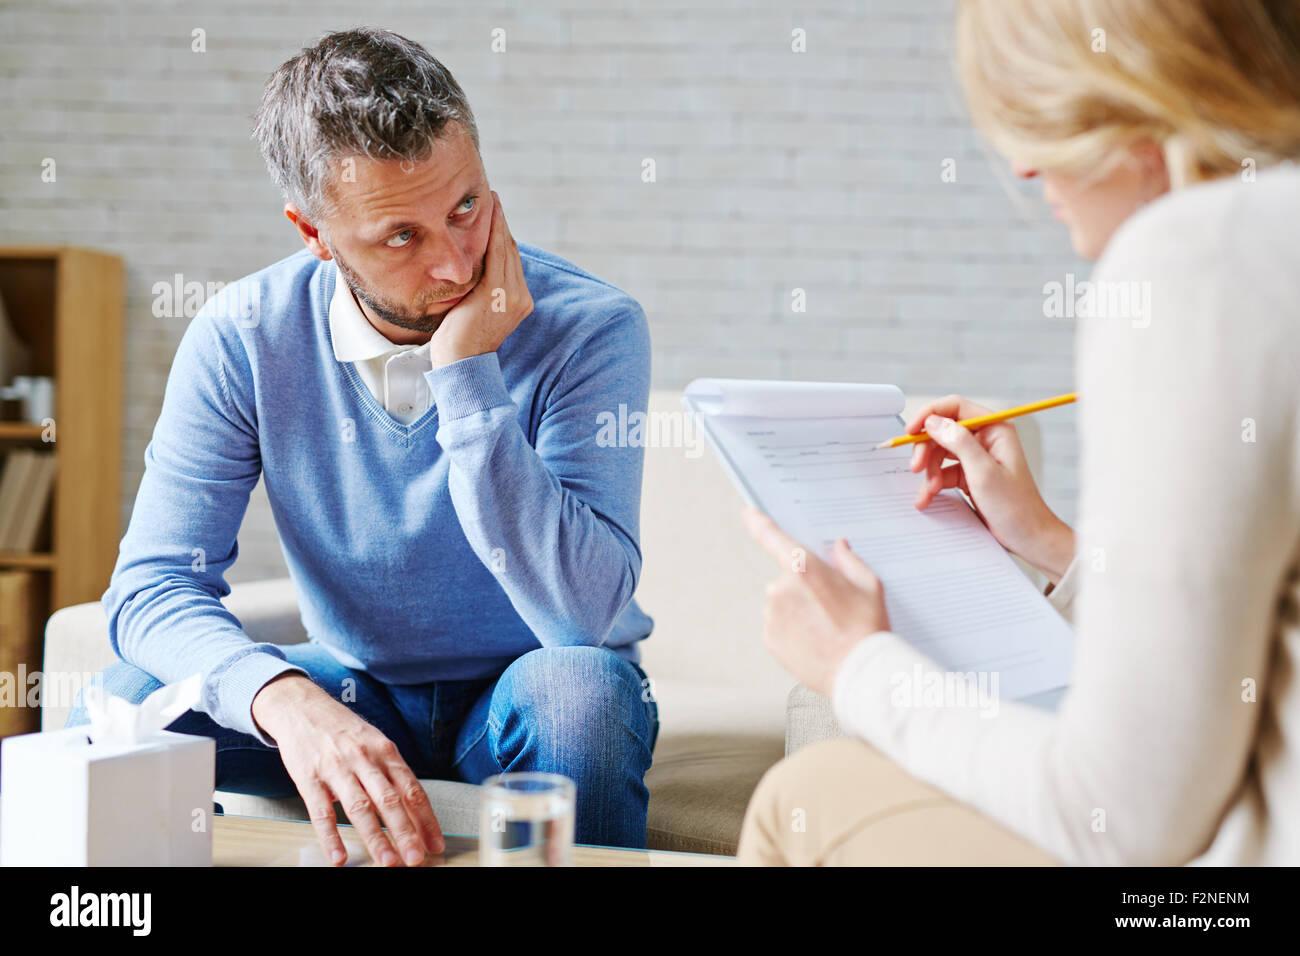 Tensa hombre mirando su psicólogo durante la consulta Imagen De Stock